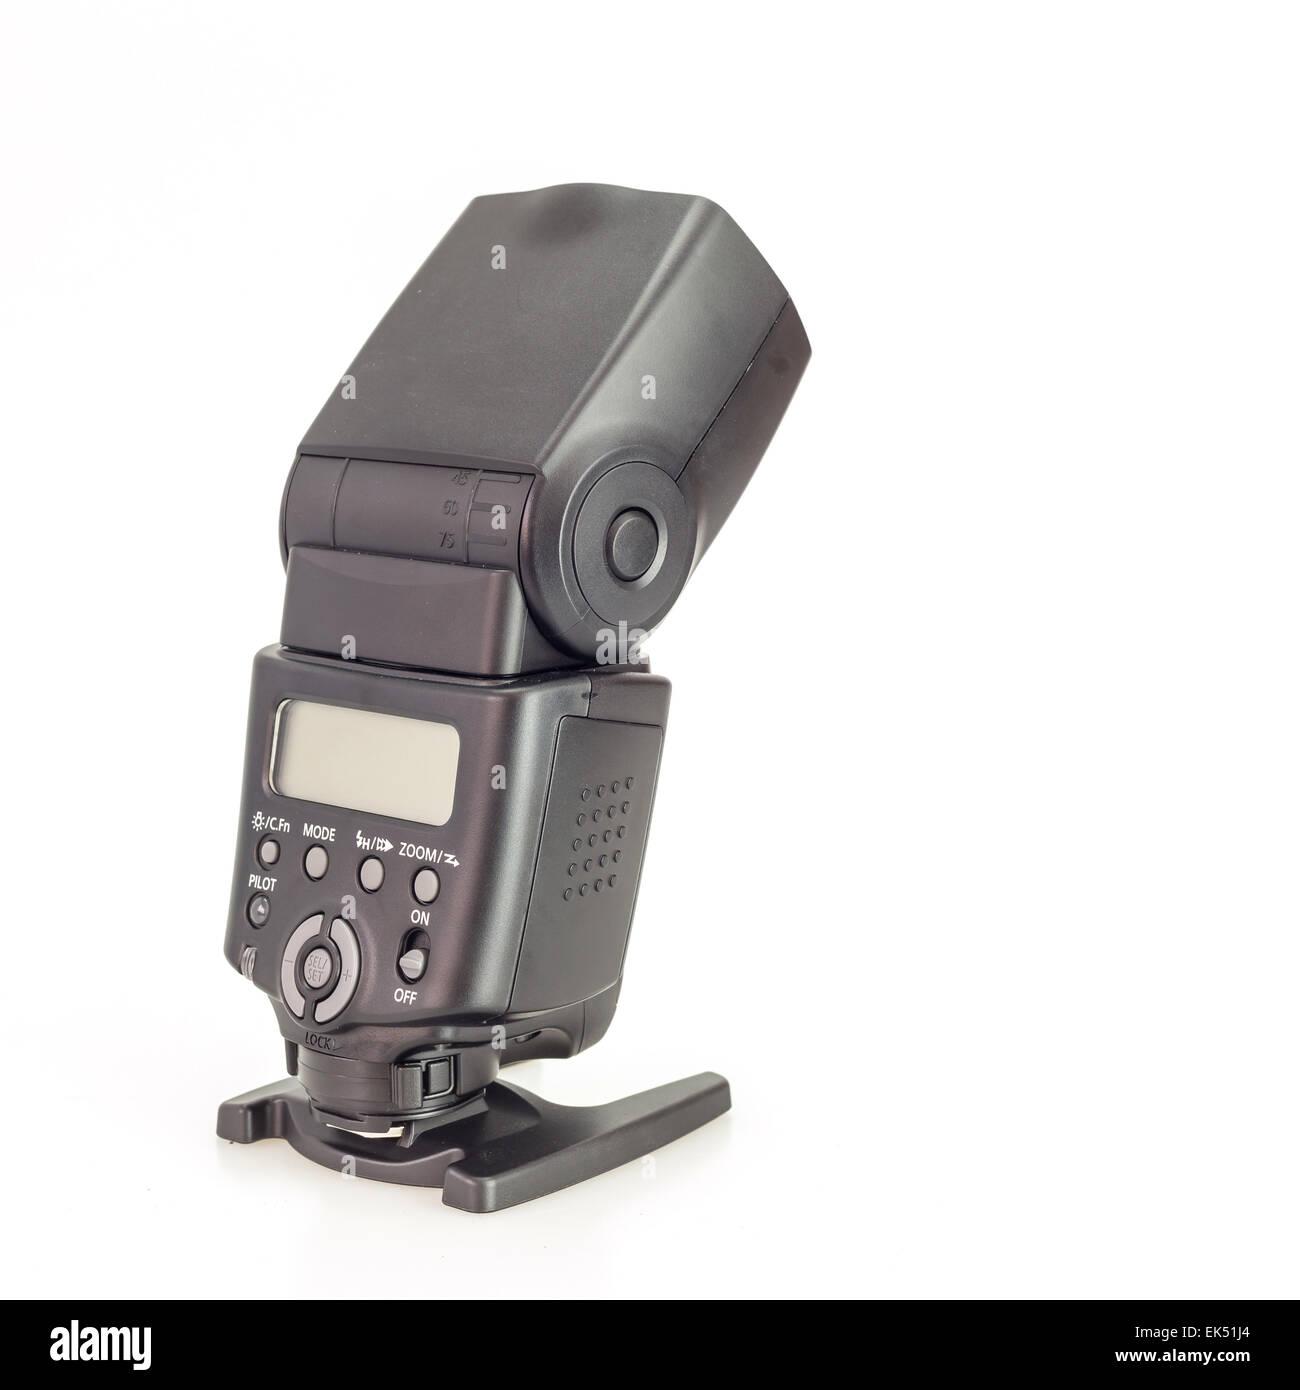 camera speedlight flash over white background - Stock Image